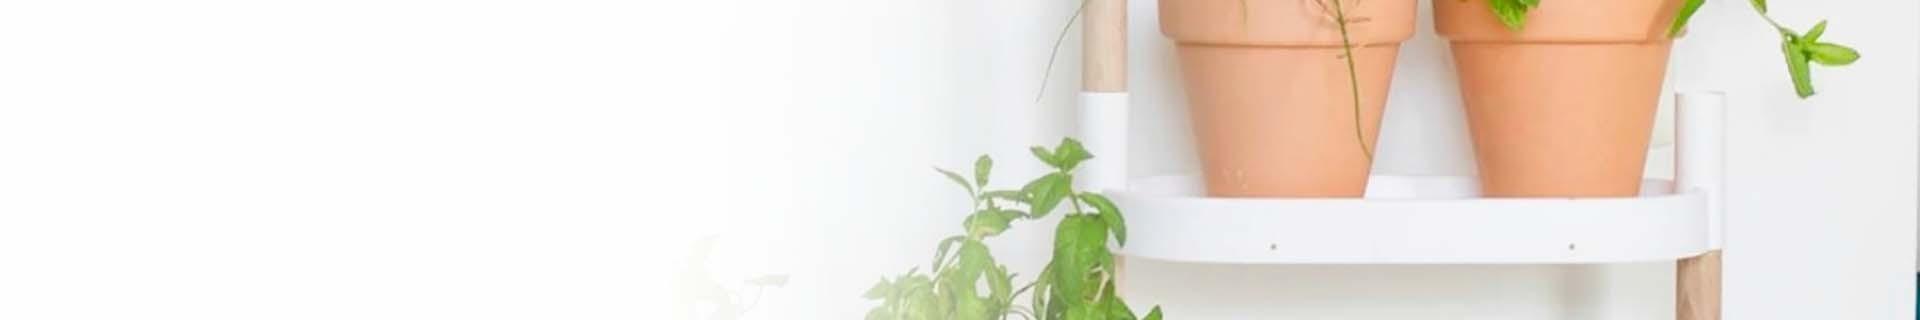 Etagere pour plantes avec plantes d'intérieur décoratives